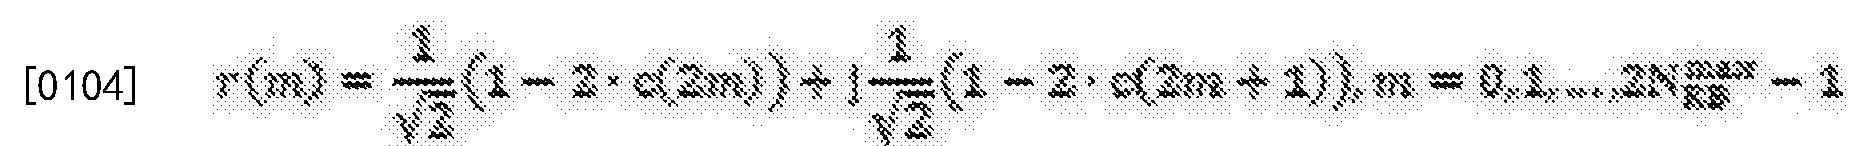 Figure CN104081709BD00151